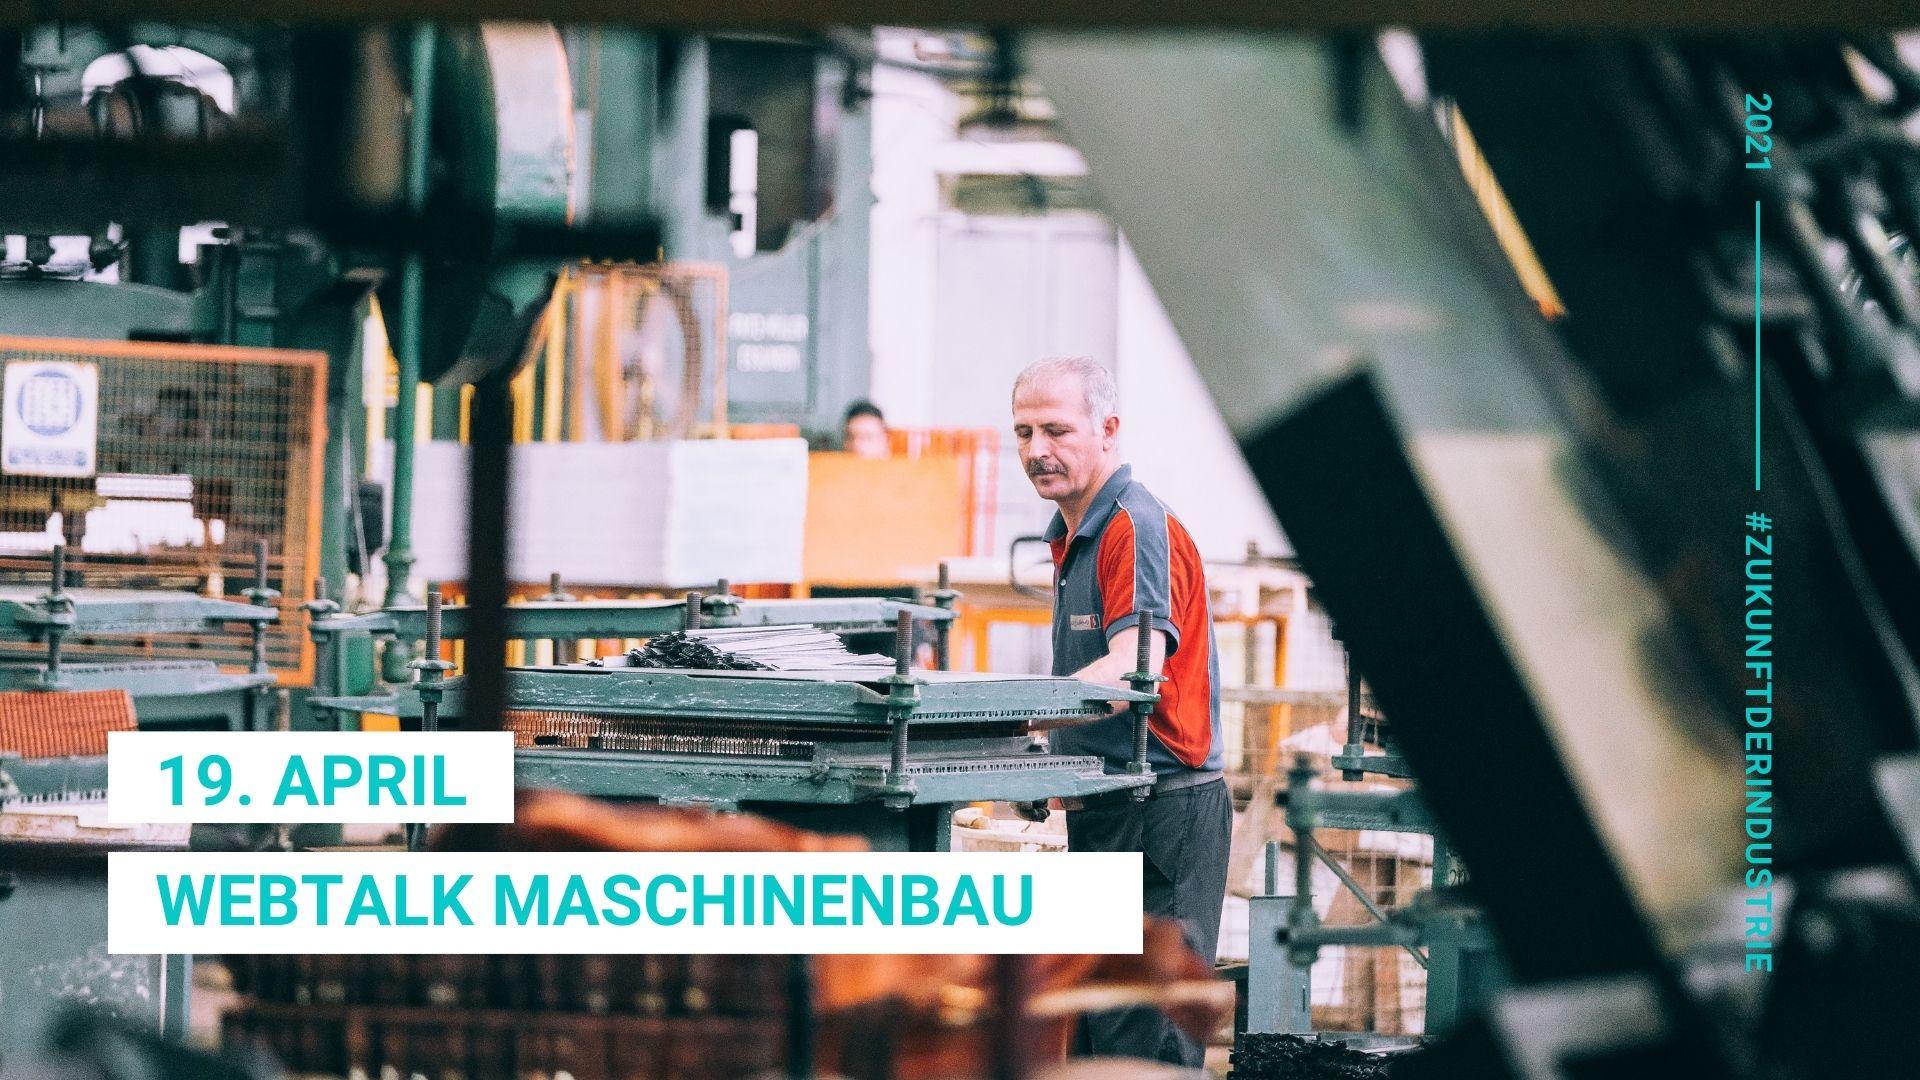 Webtalk Maschinenbau